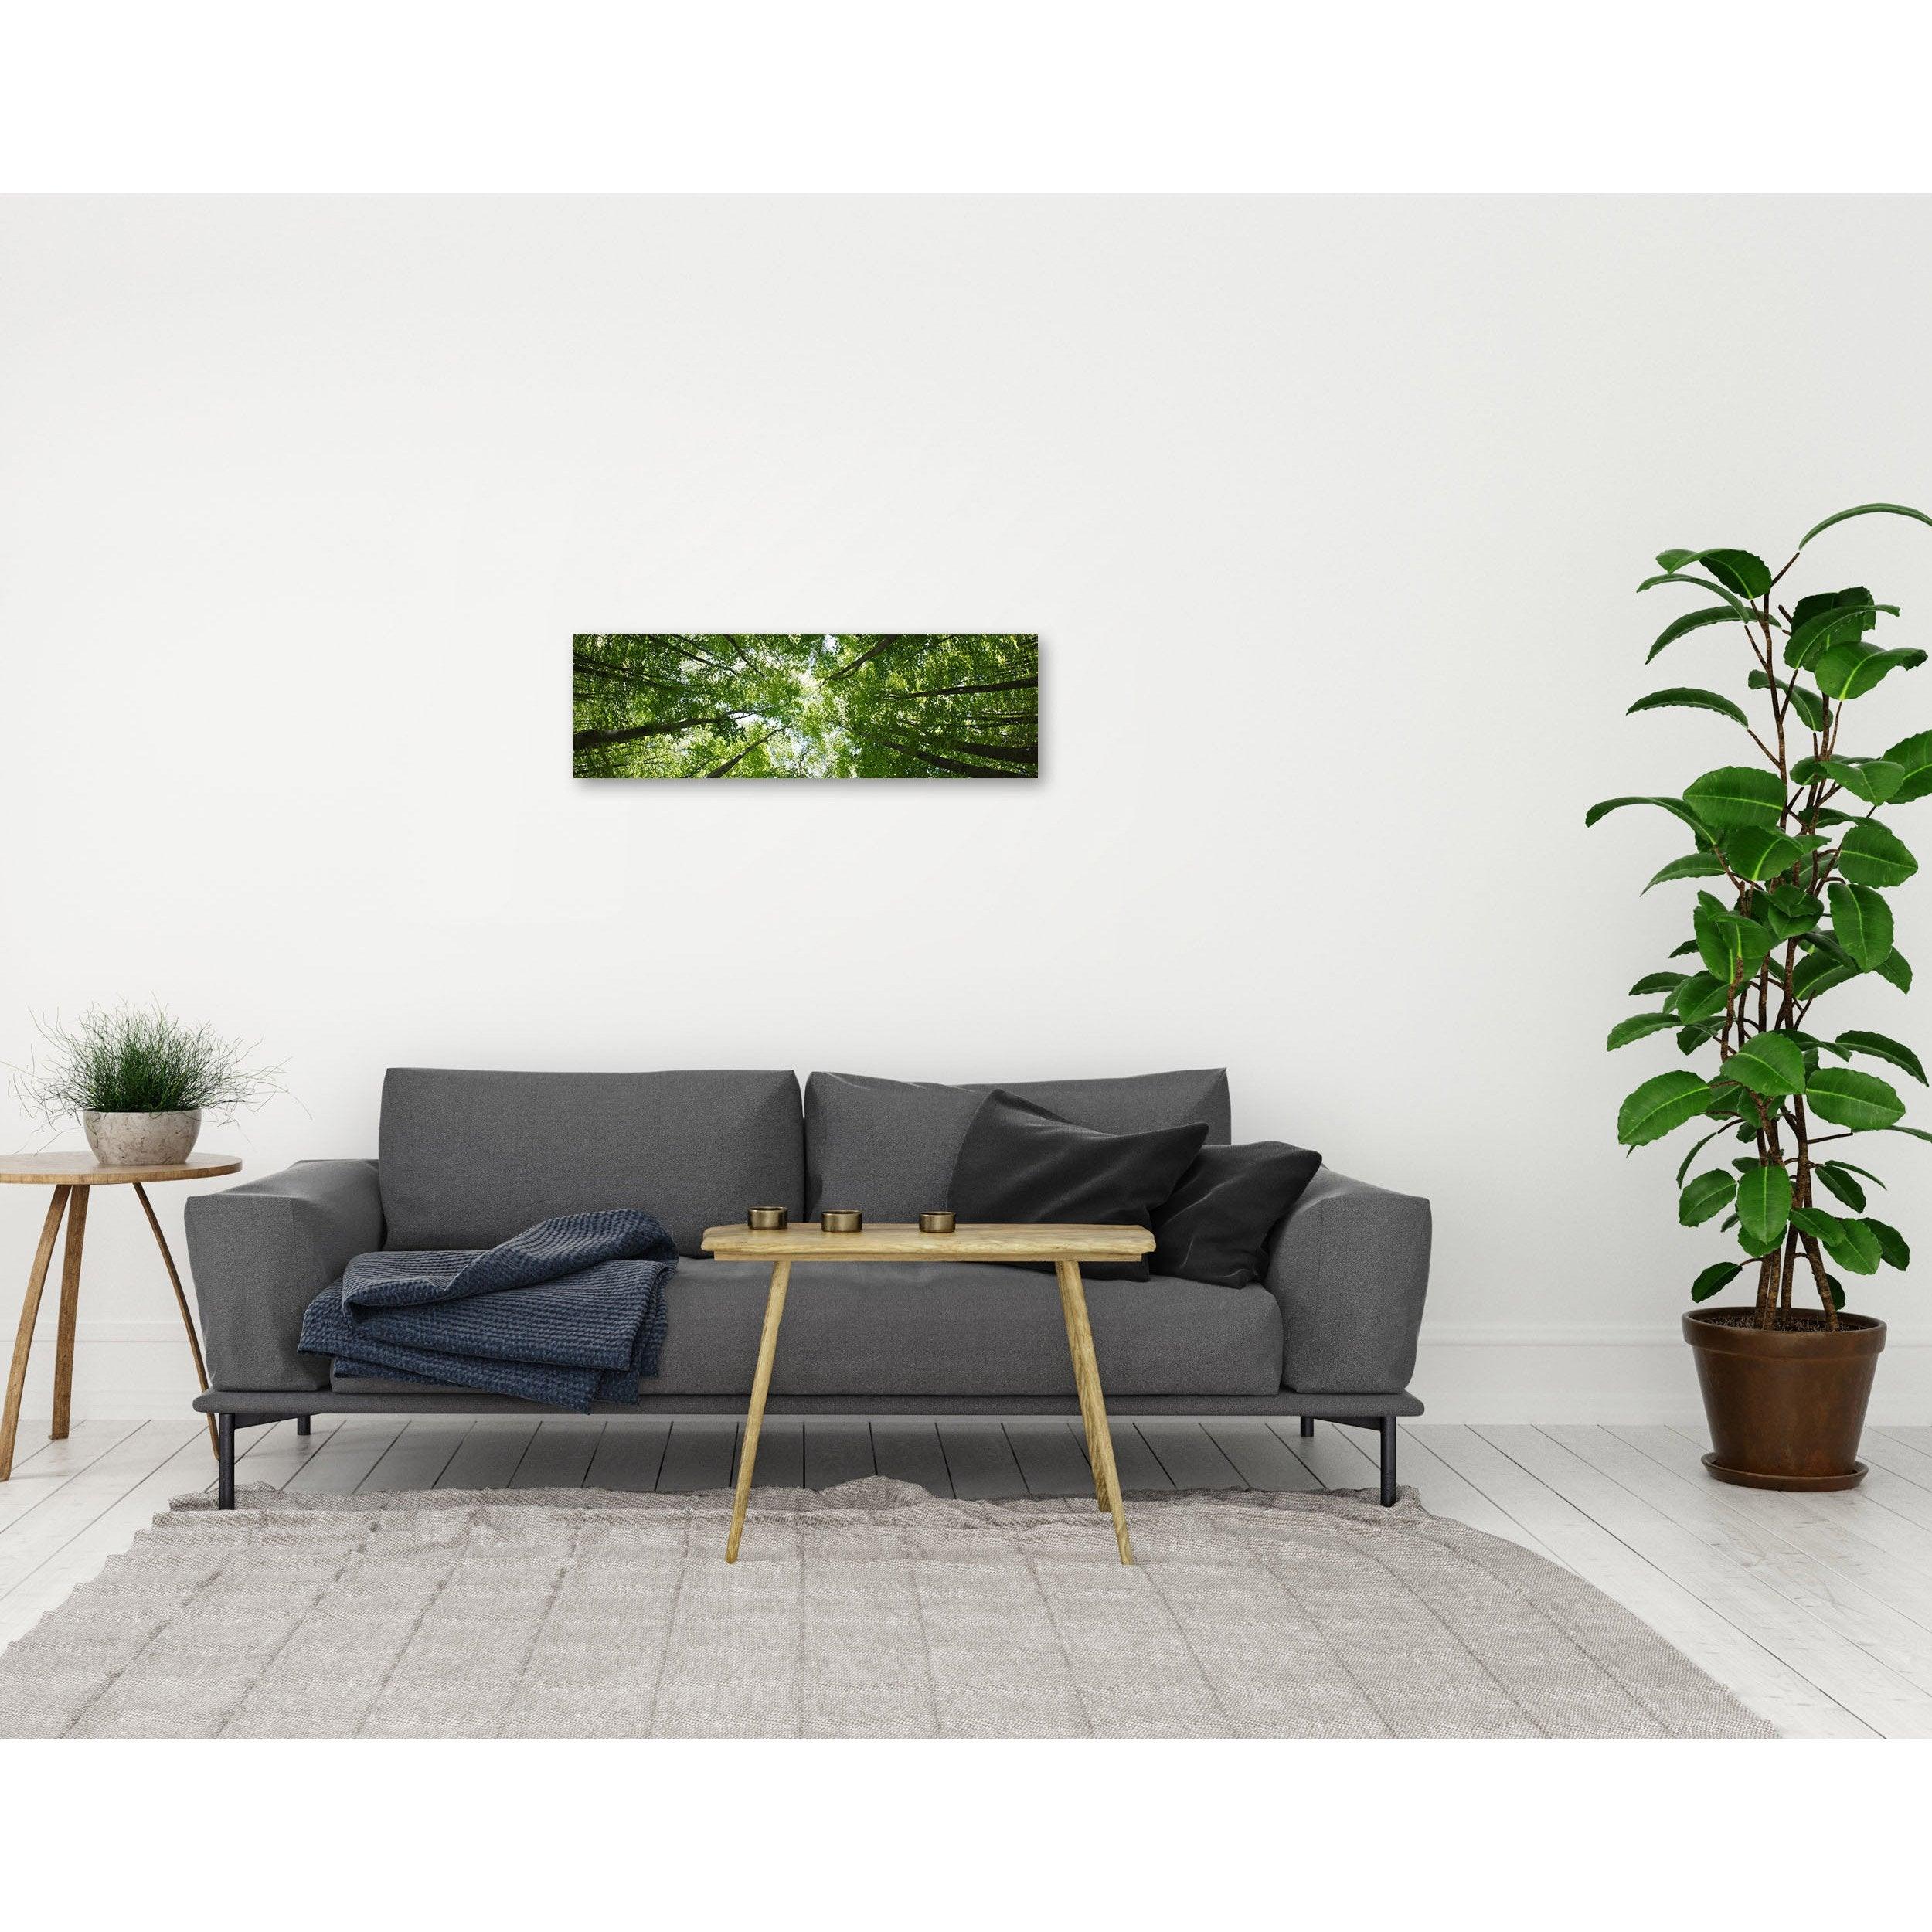 Verre imprimé FORET, vert, blanc et noir ARTIS l.95.5 x H.30 cm